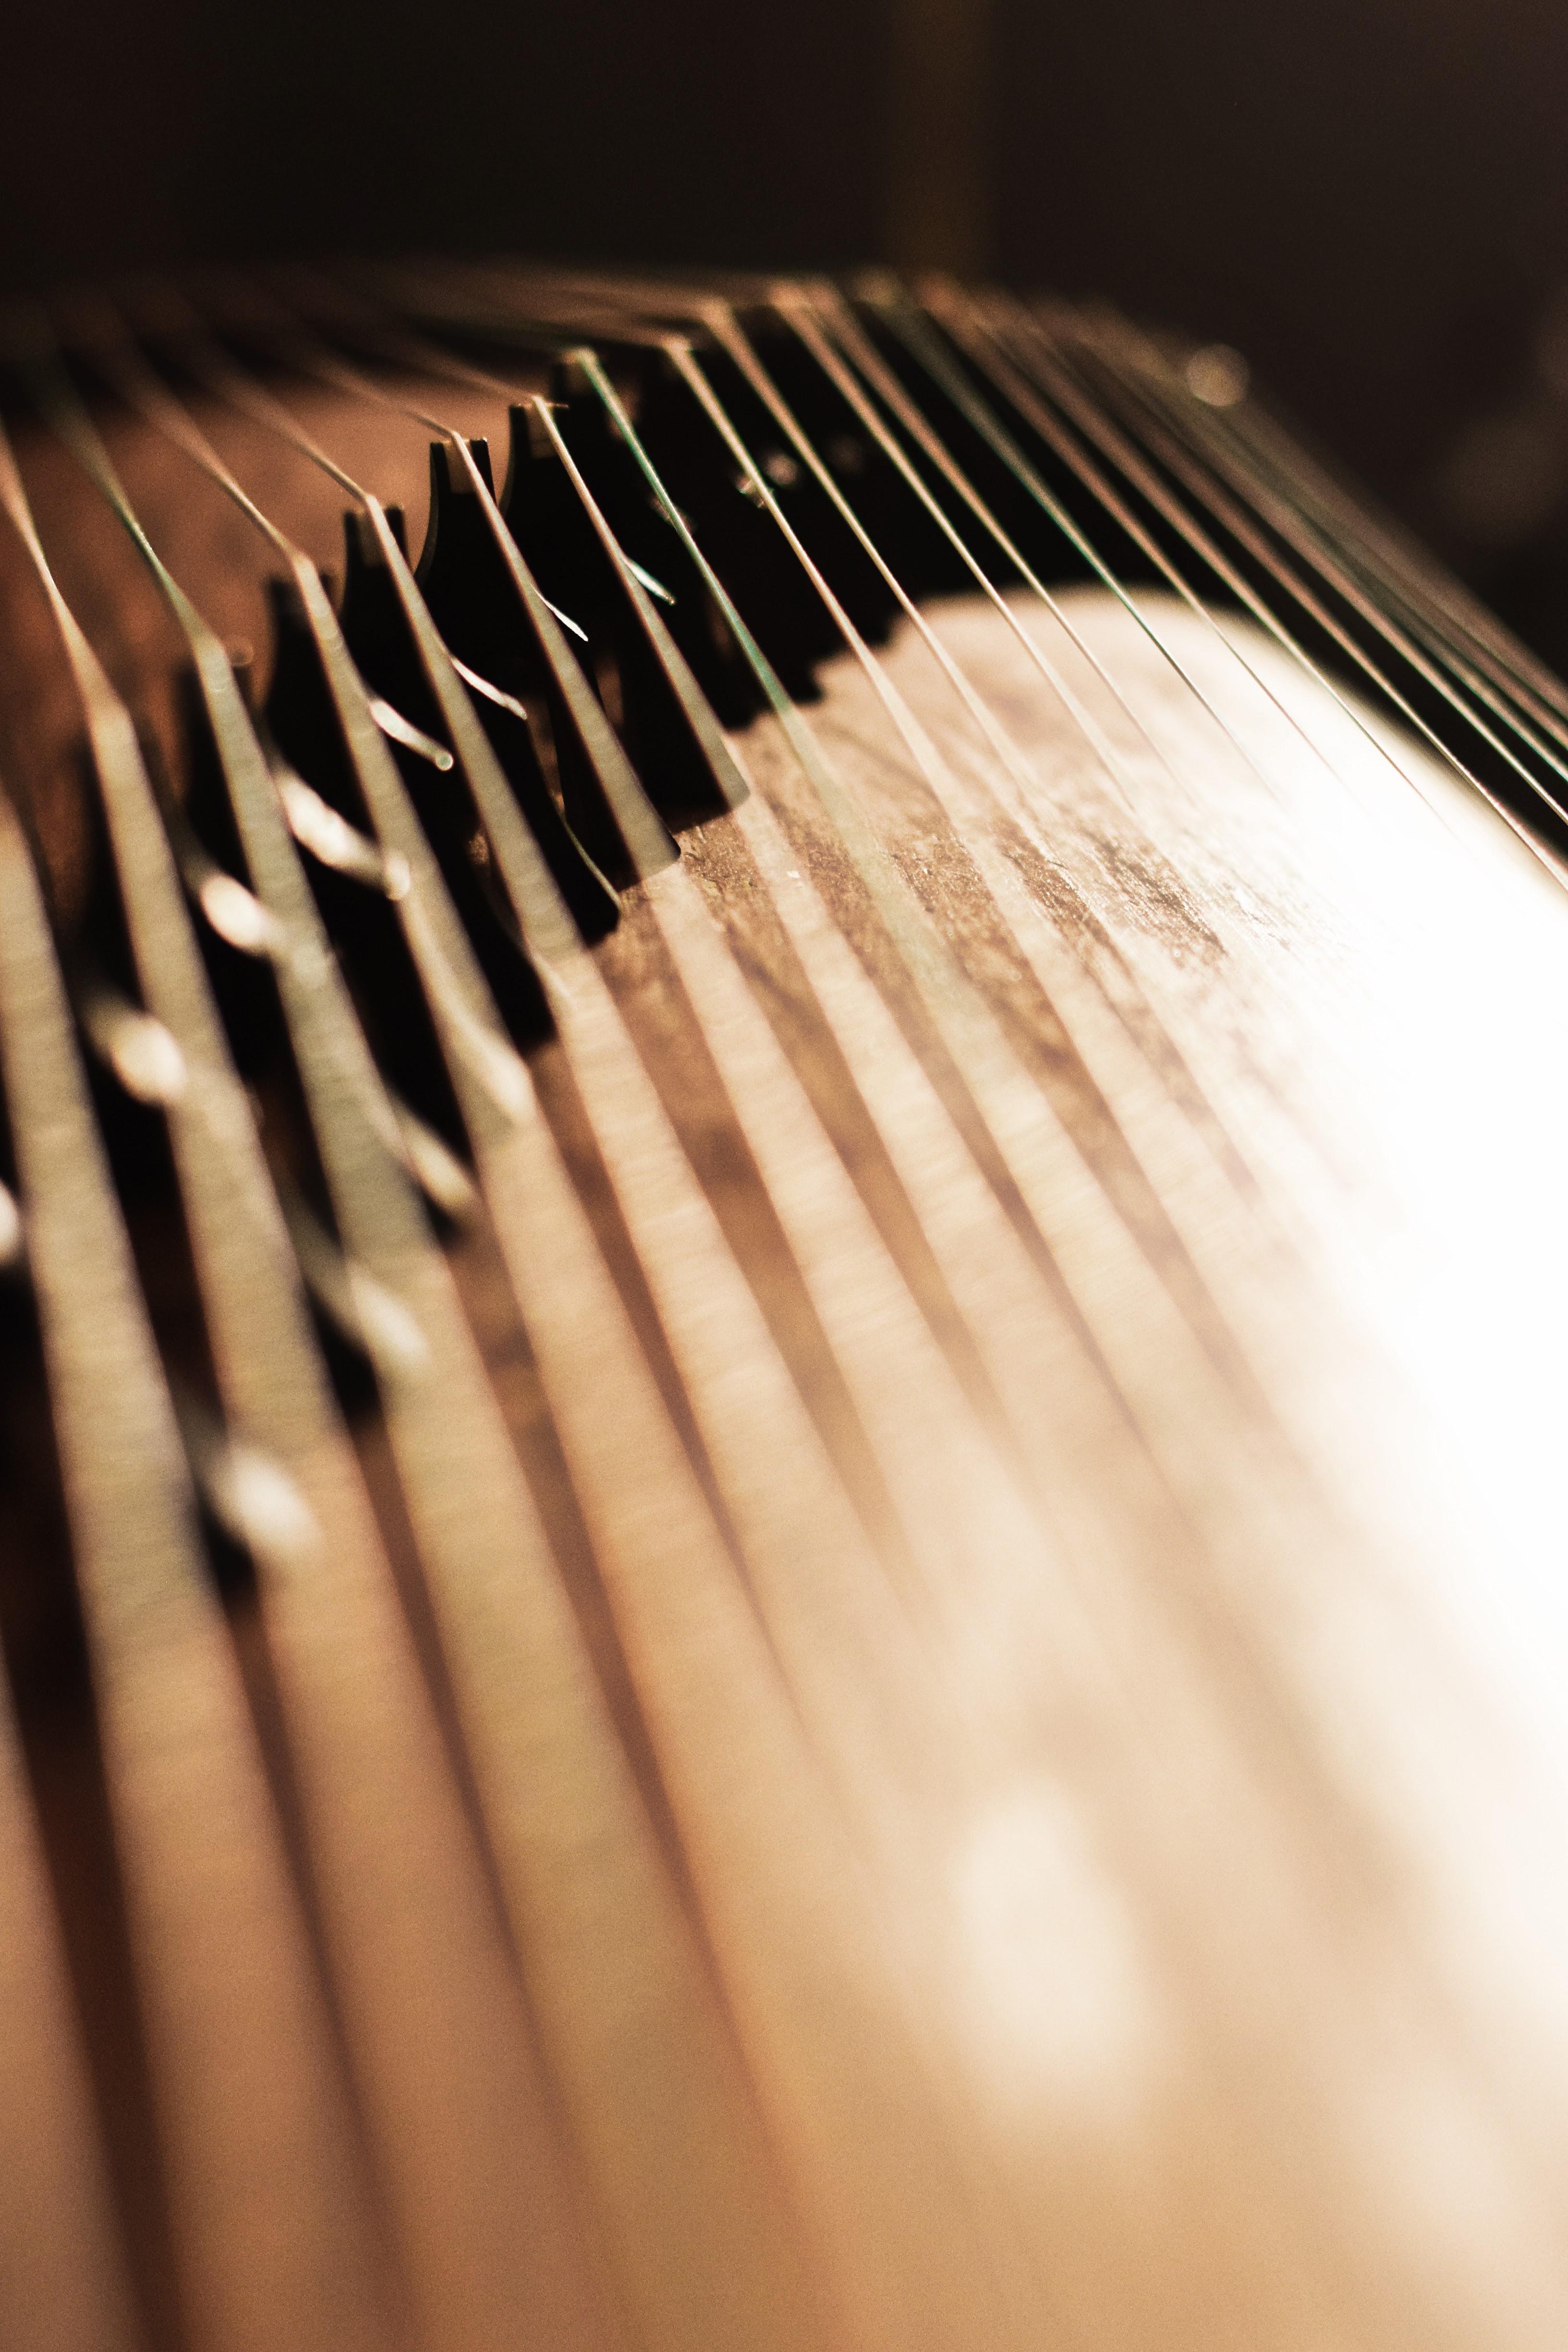 Guzheng shine